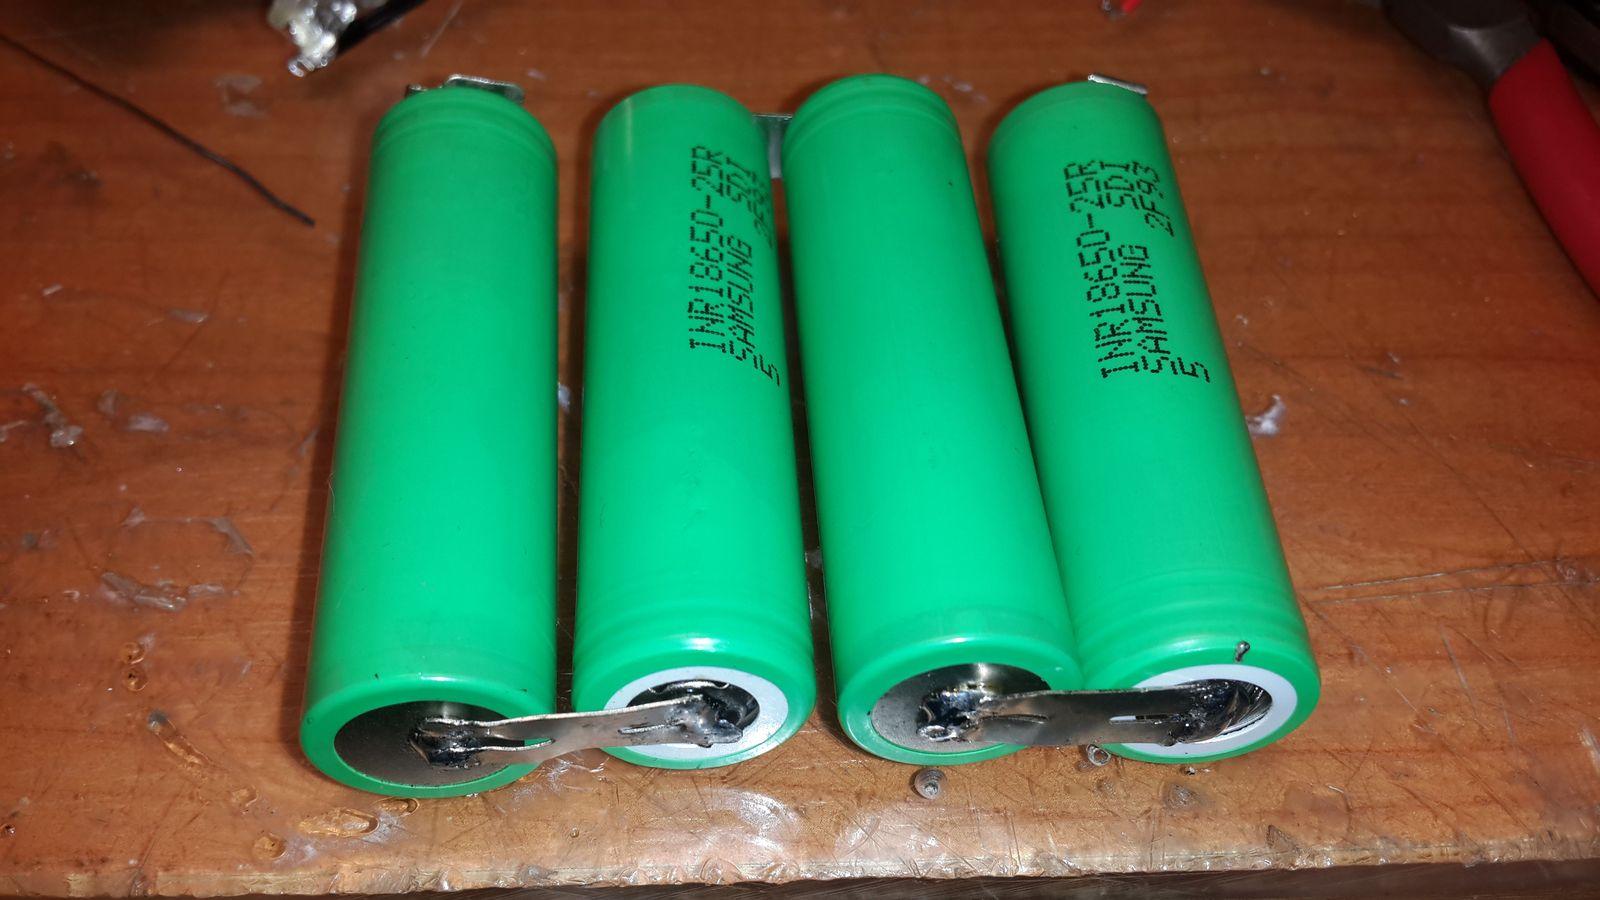 Как разрядить аккумулятор шуруповерта на 18 вольт 151